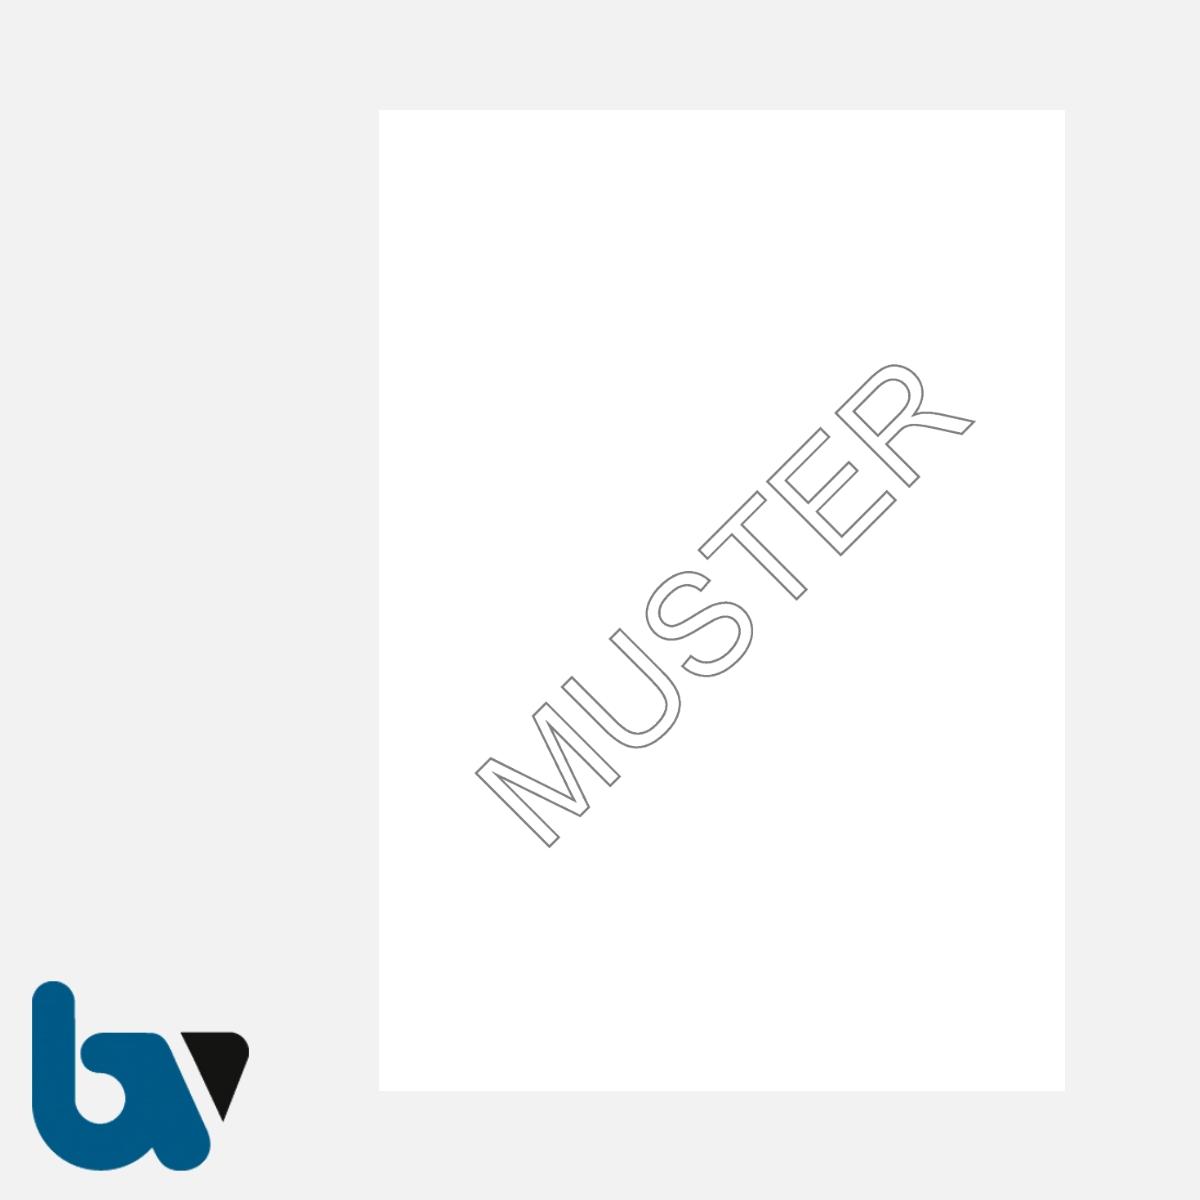 0/168-8u Urkundenpapier Standesamt Personenstand Urkunde Register Dokument ungelocht blanko 100gr Stammbuch Format 130 200 | Borgard Verlag GmbH